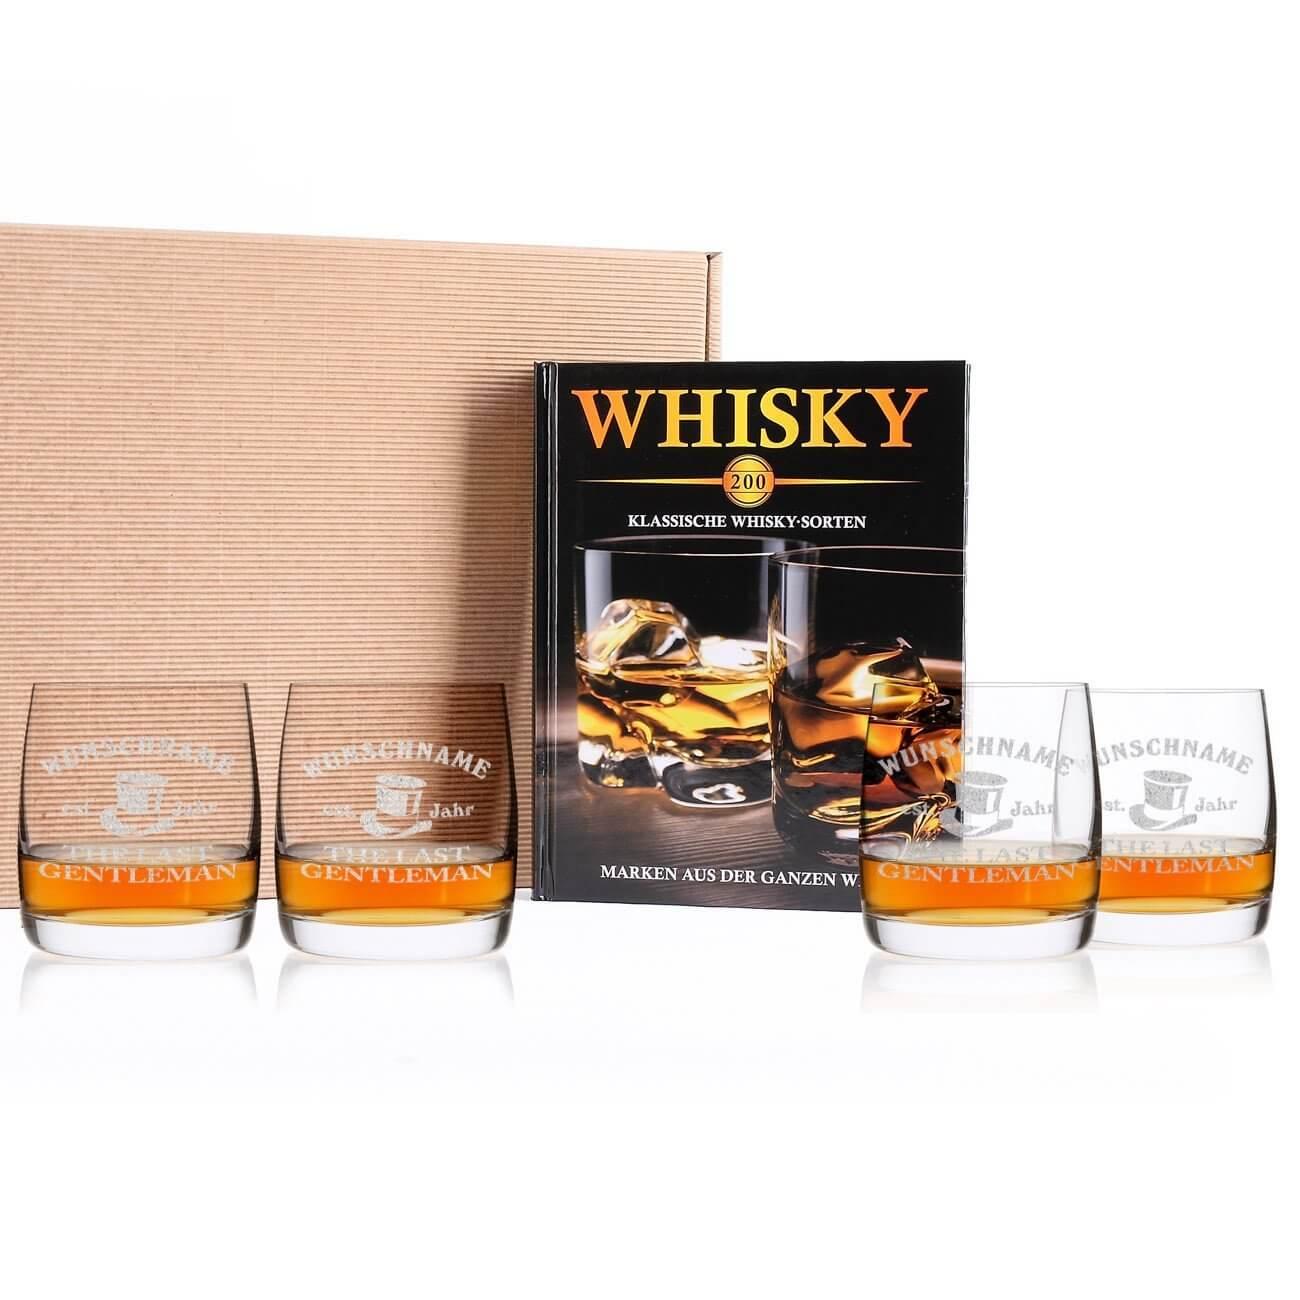 Whisky-Wissen Set – Personalisiertes Highlight